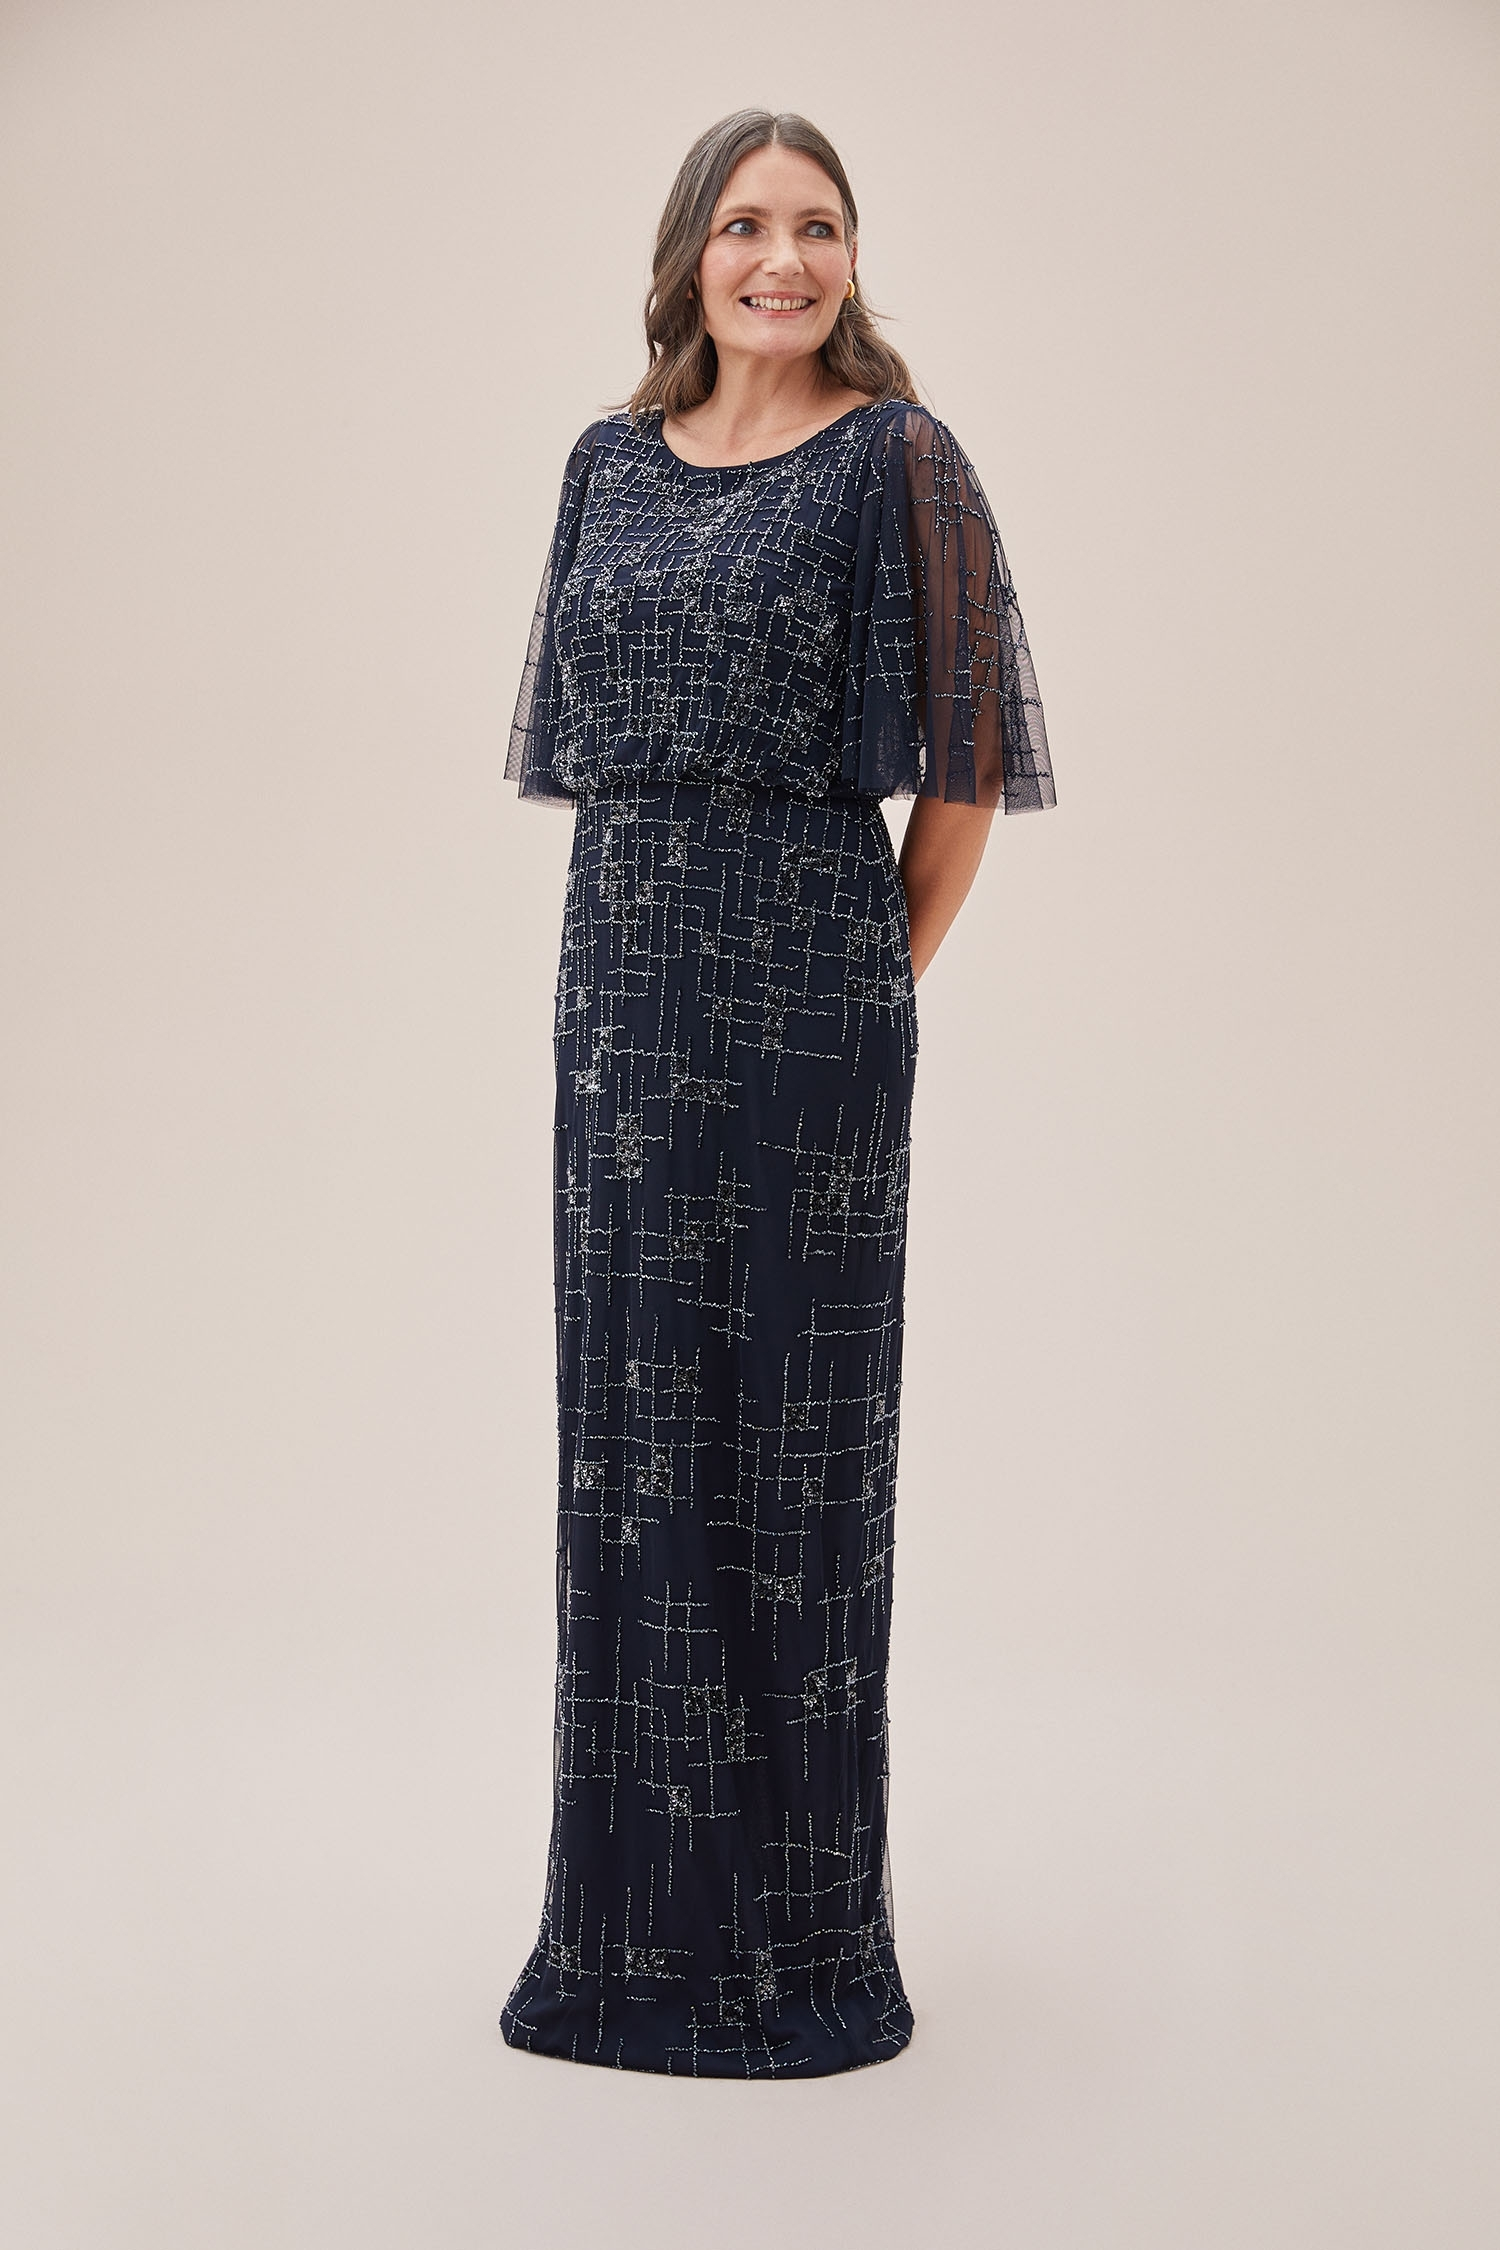 Lacivert Payet İşlemeli Tül Kısa Kollu Uzun Abiye Elbise - Thumbnail